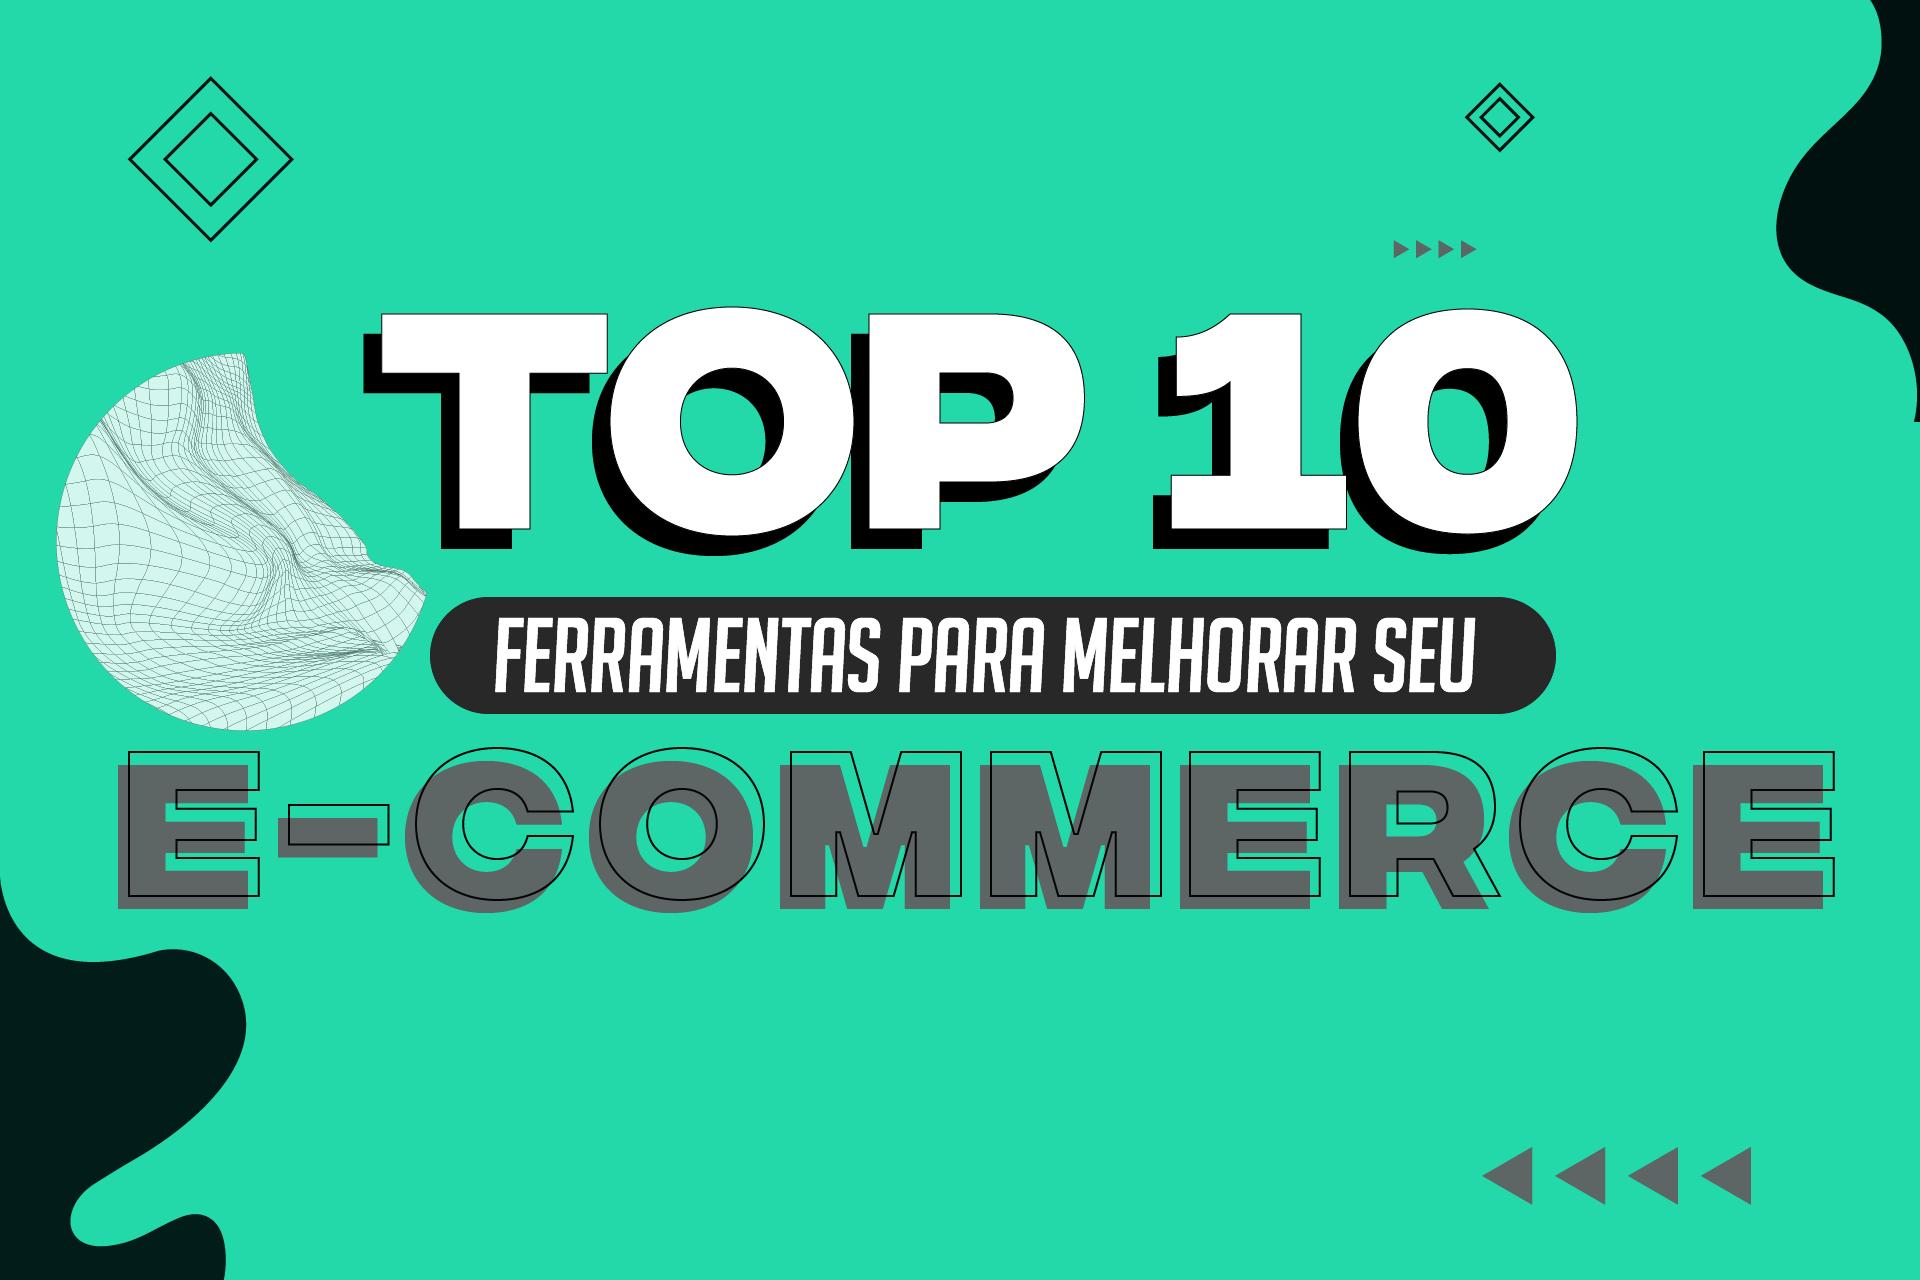 TOP 10 FERRAMENTAS PARA MELHORAR SEU E-COMMERCE!